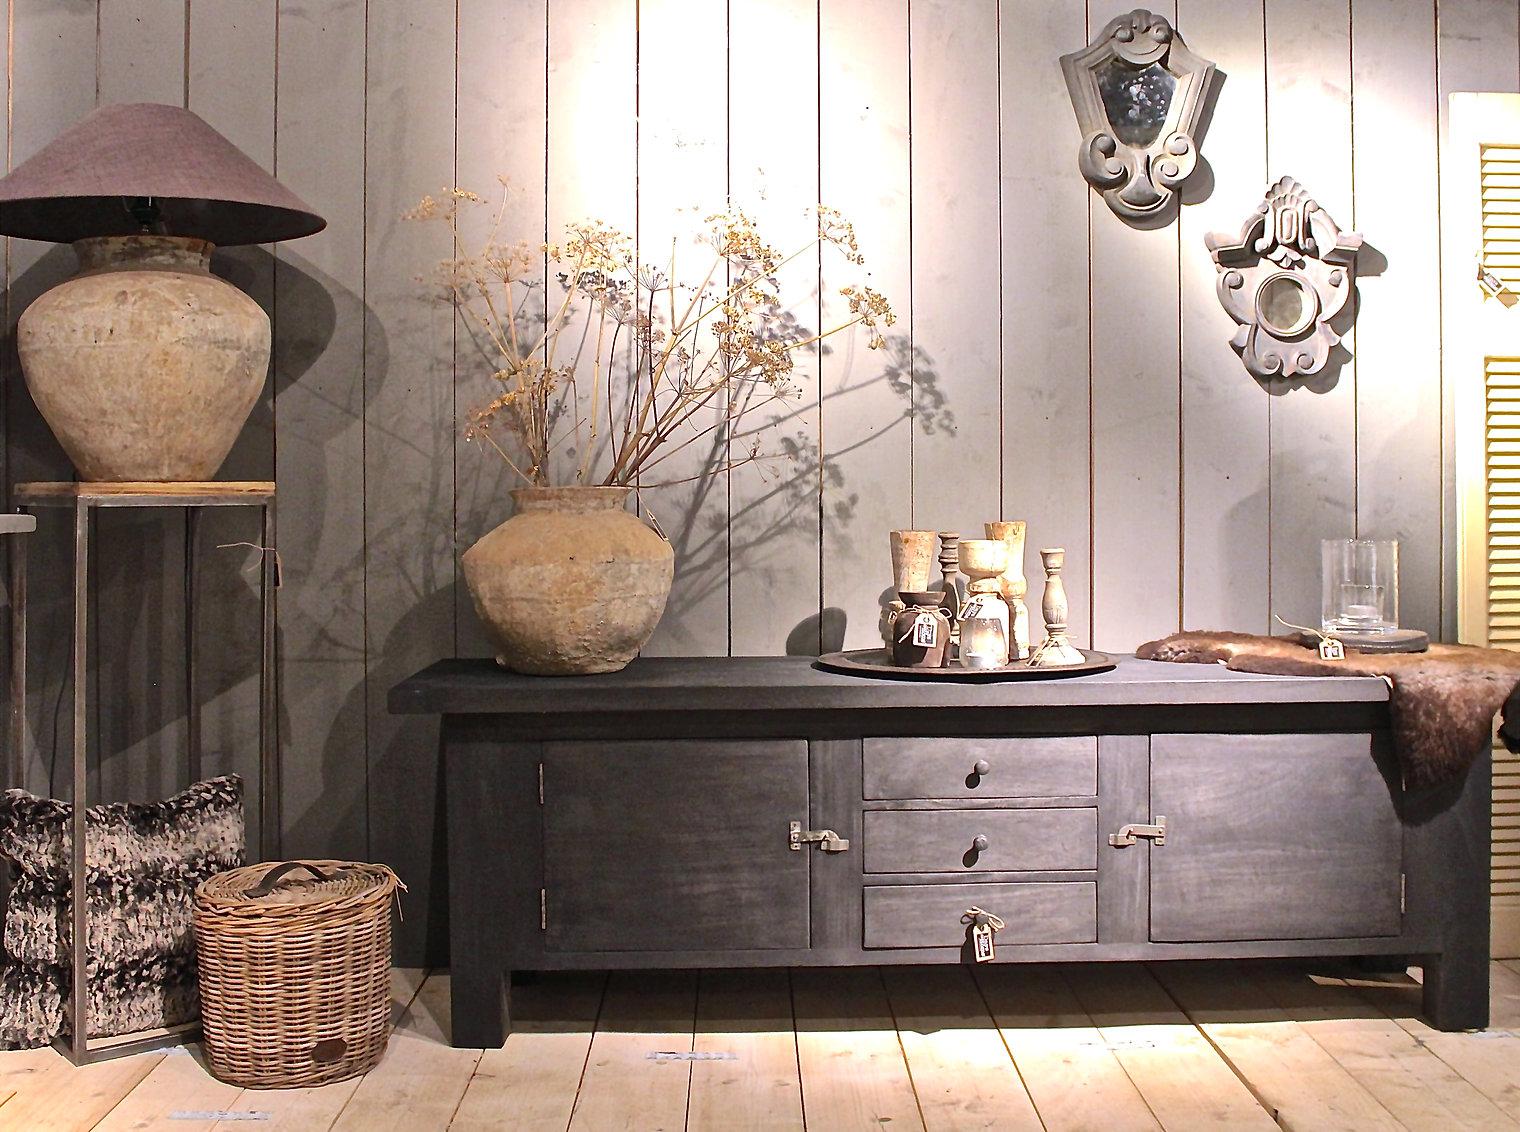 Days at home hoffz dealer landelijk interieur for Hoffz interieur